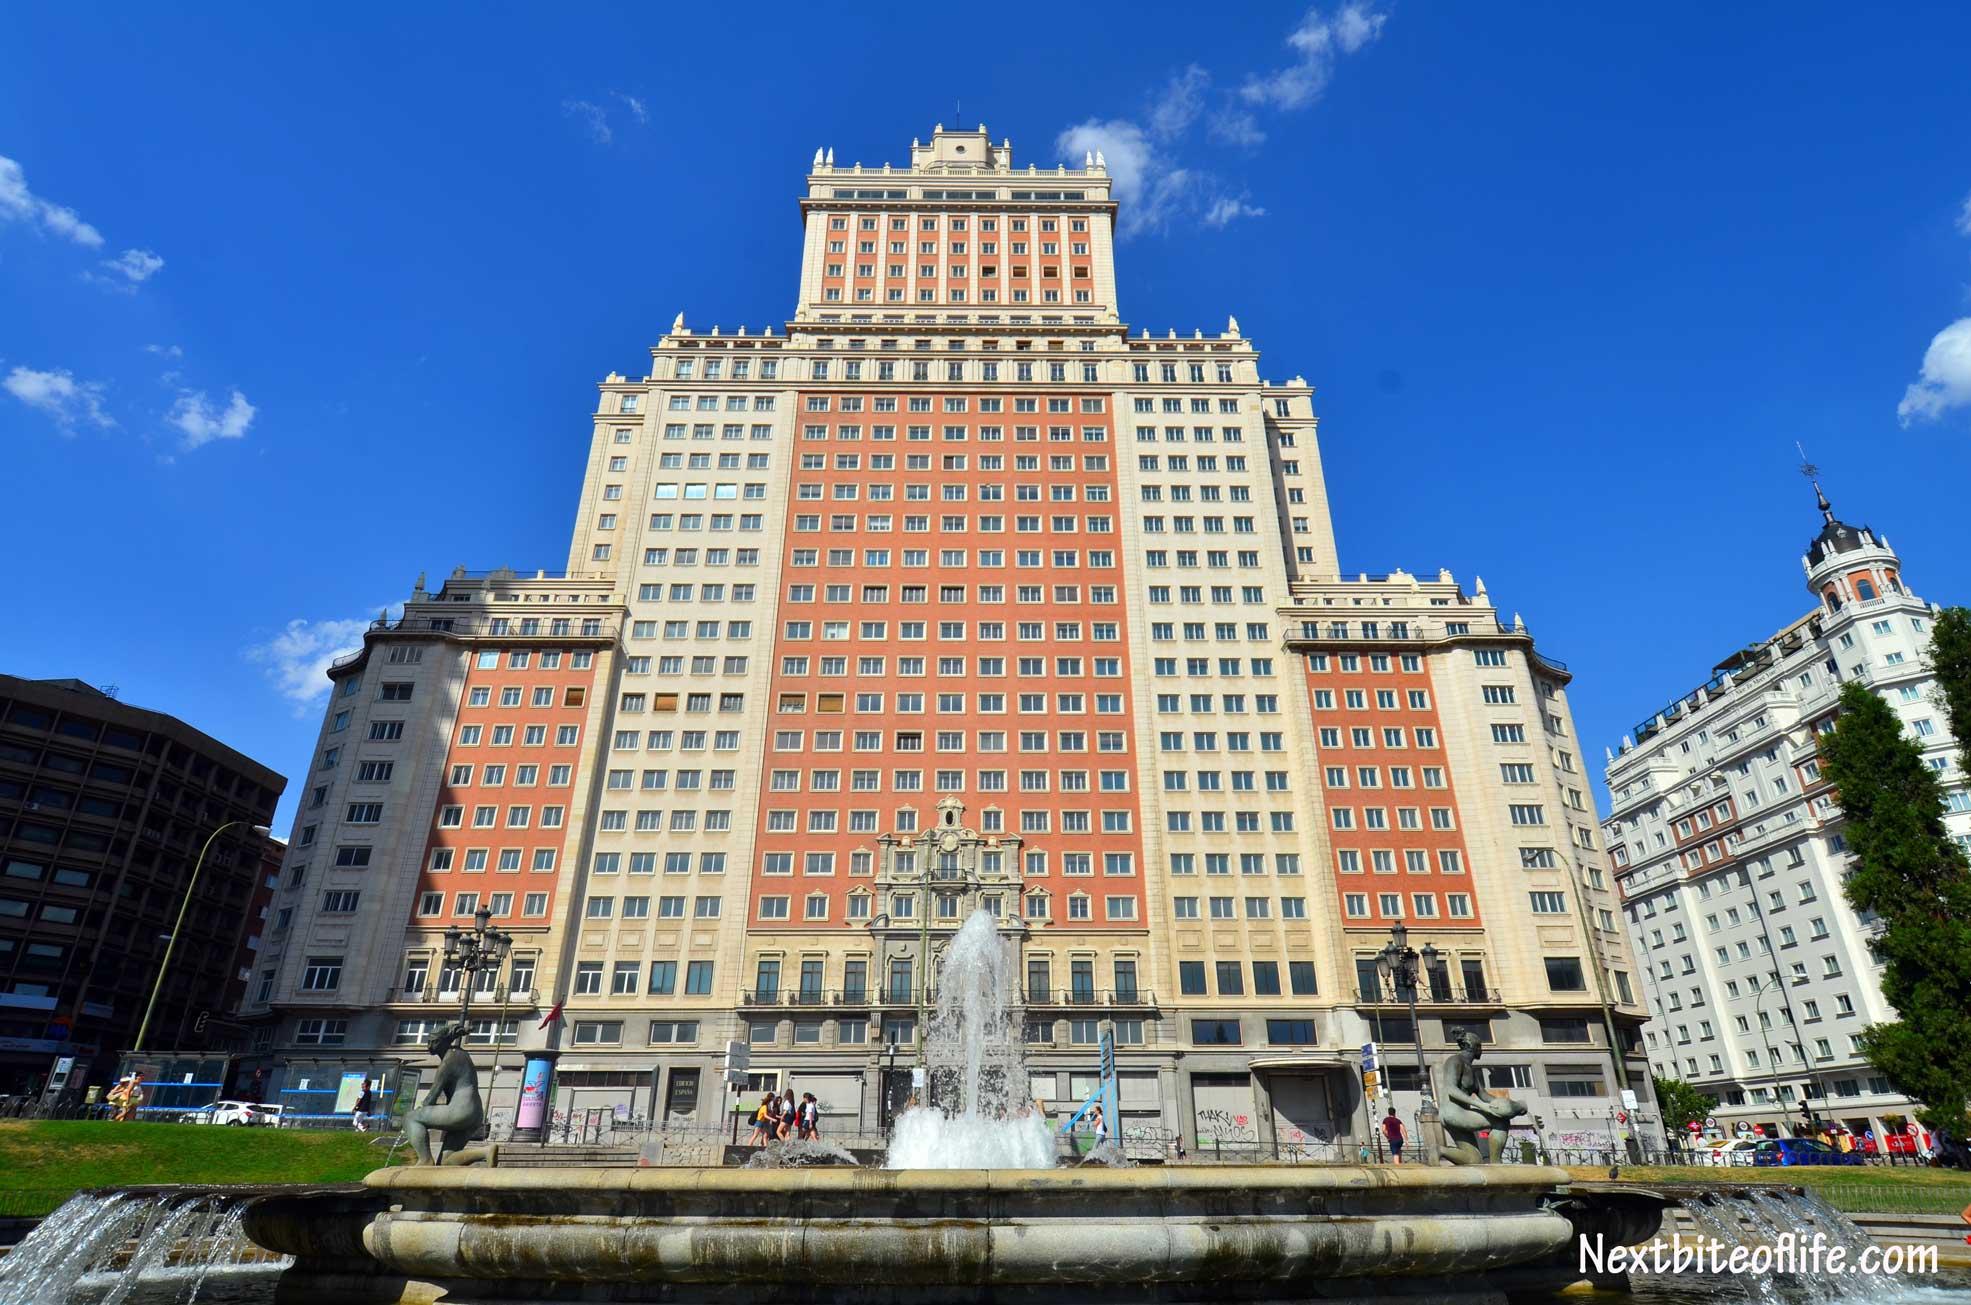 Plaza de Espana. You gotta love that building :-)